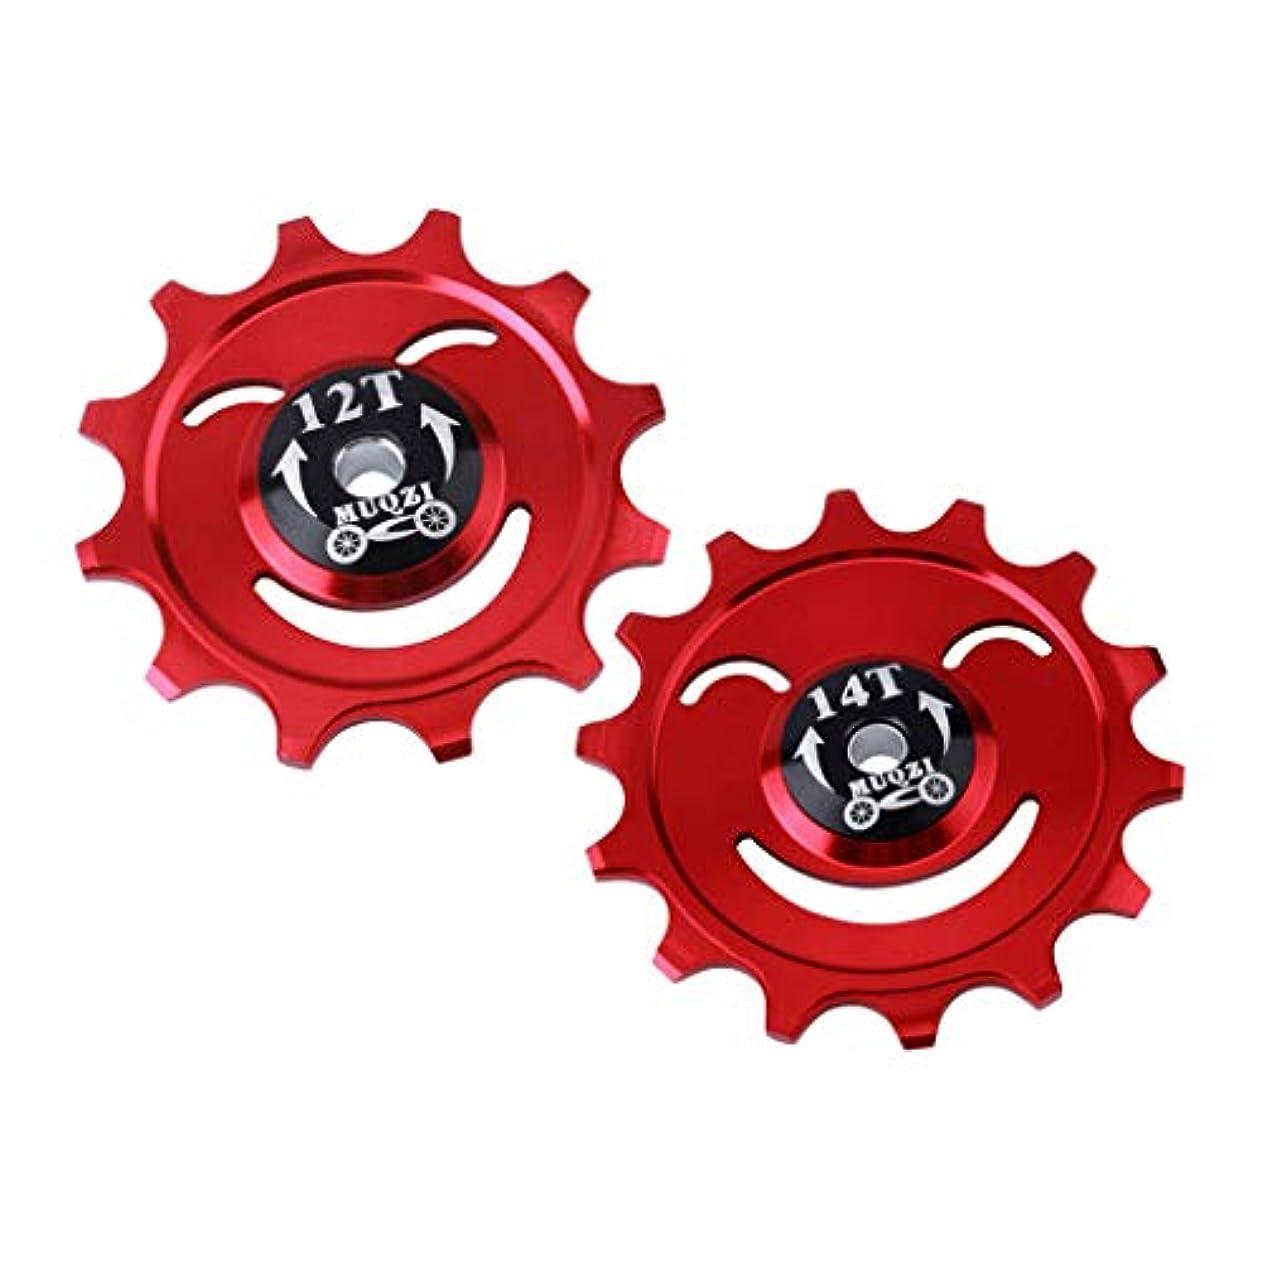 伝統的コンベンション鎮痛剤FLAMEER セラミック リアディレイラー ジョッキー 12T 14T MTB BMXプーリーガイドホイール 全2選択